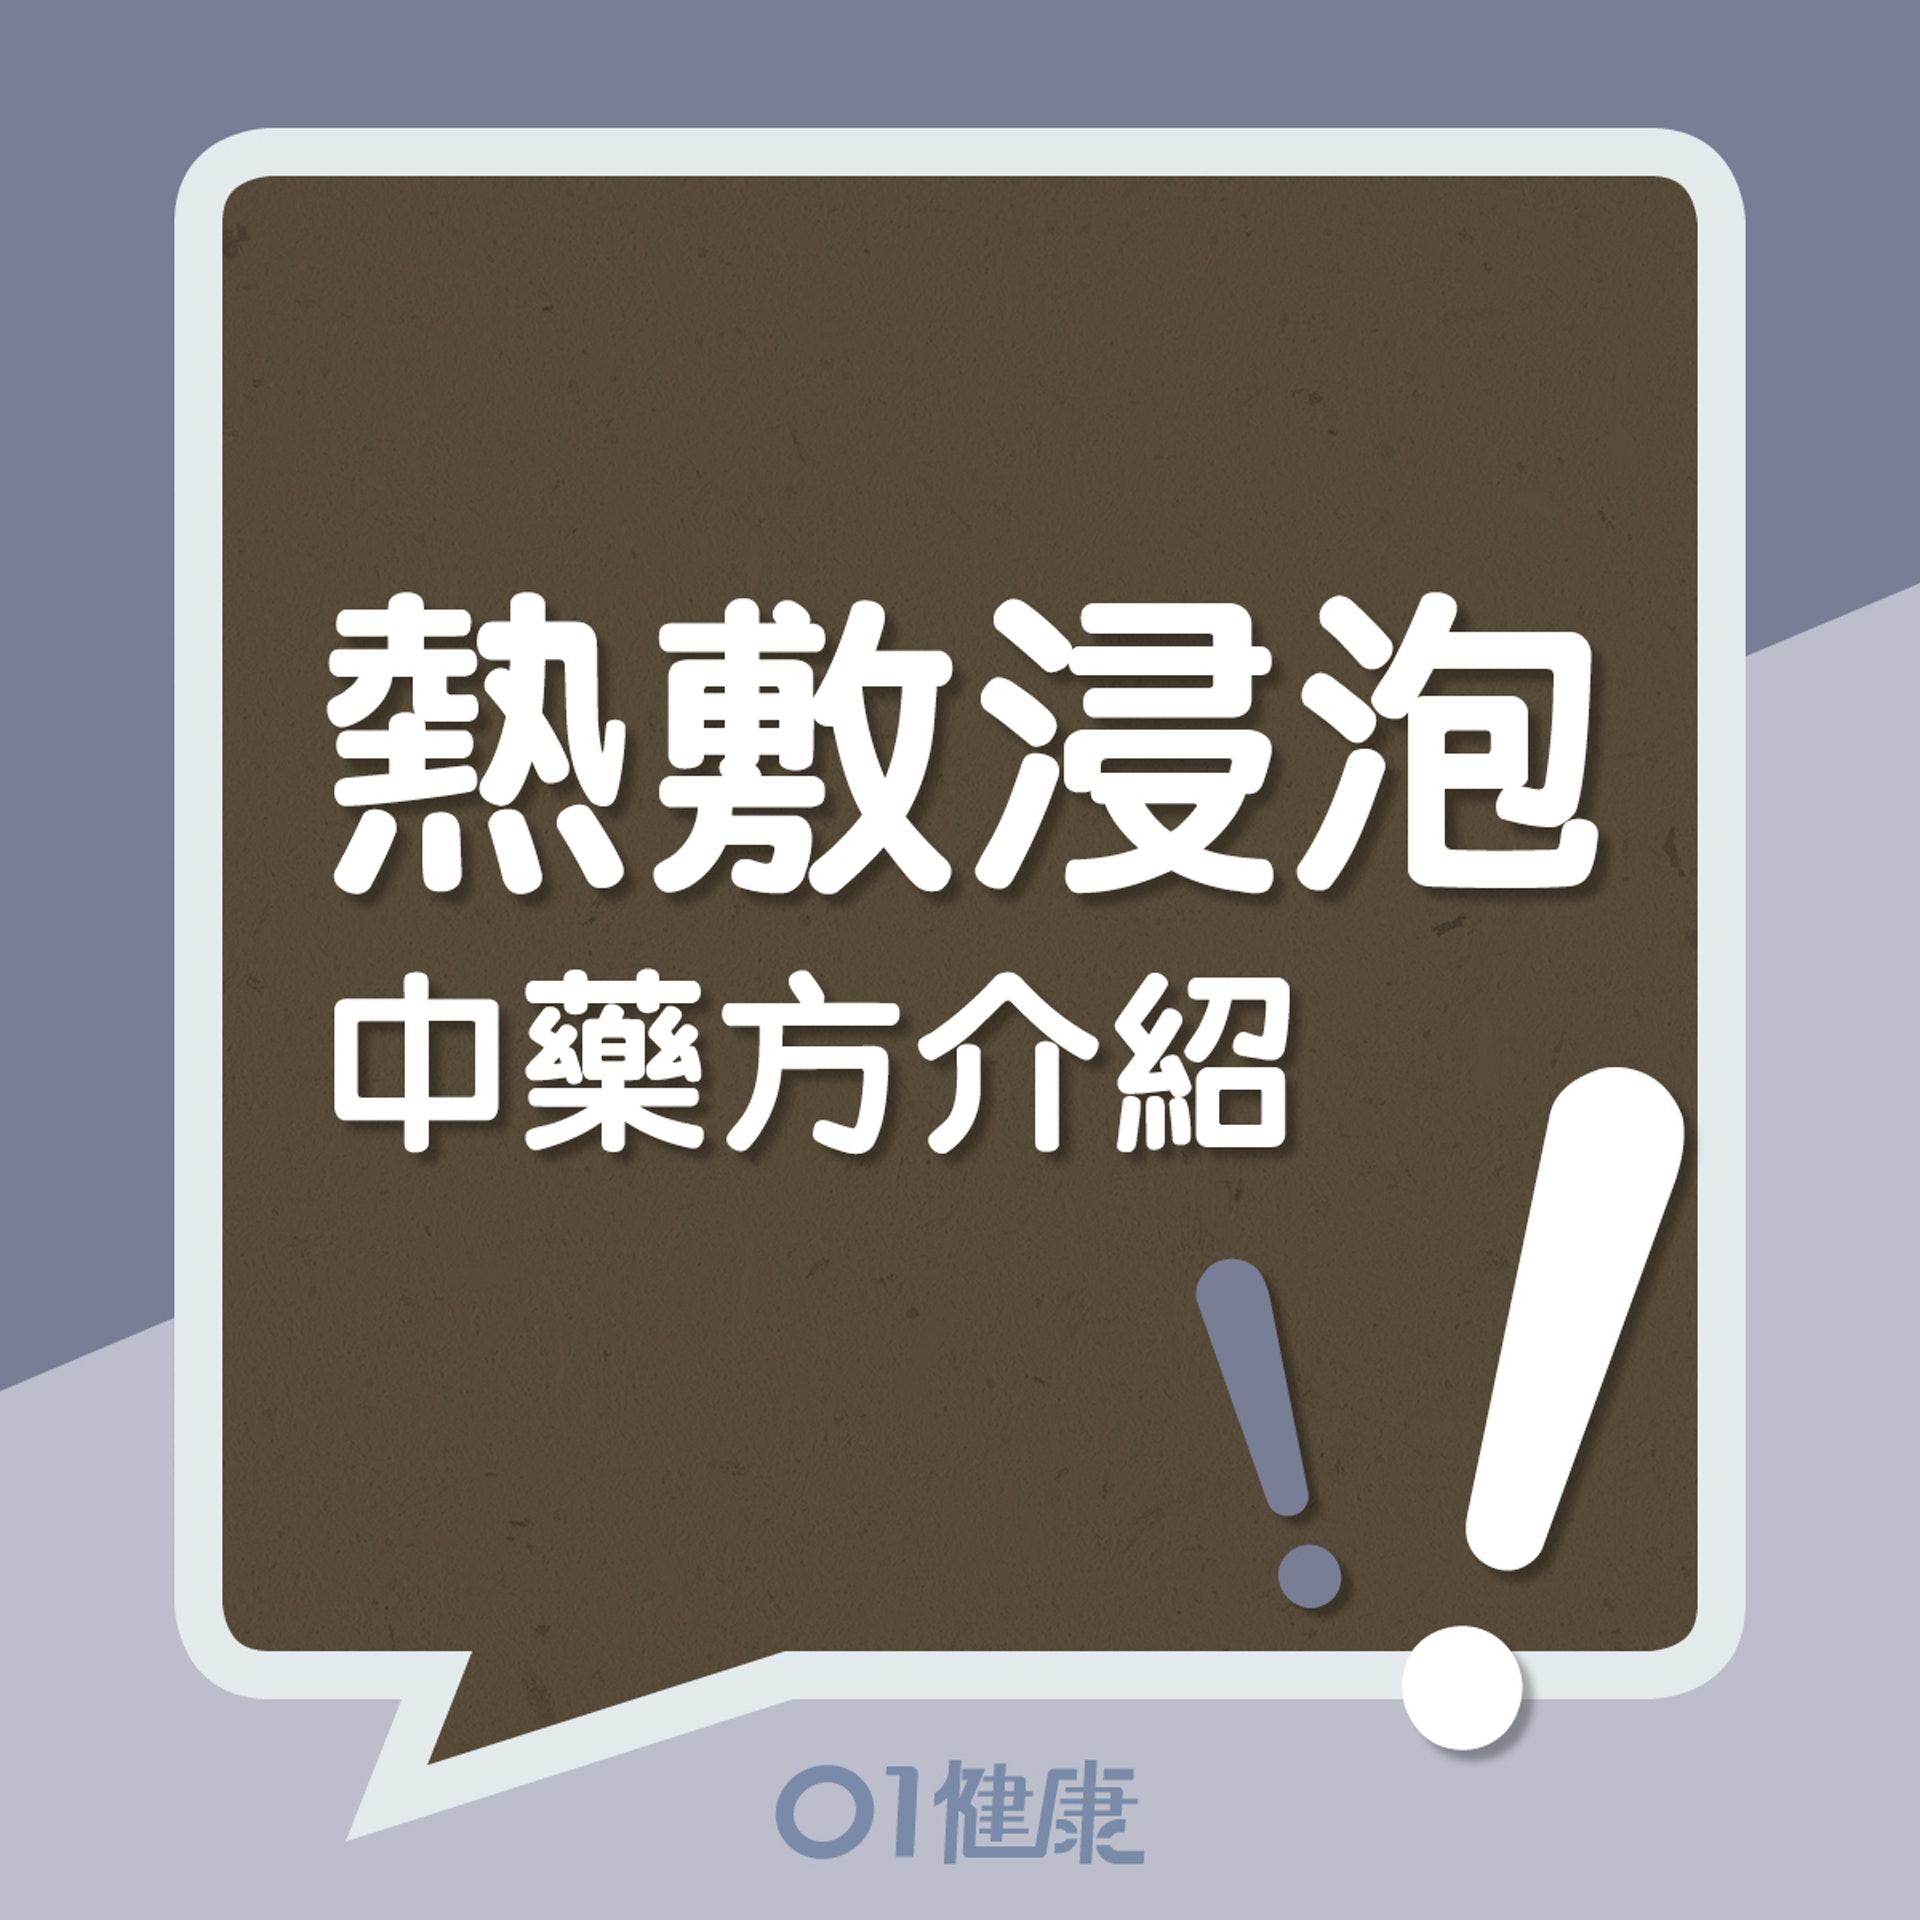 熱敷浸泡中藥方介紹!(01製圖)